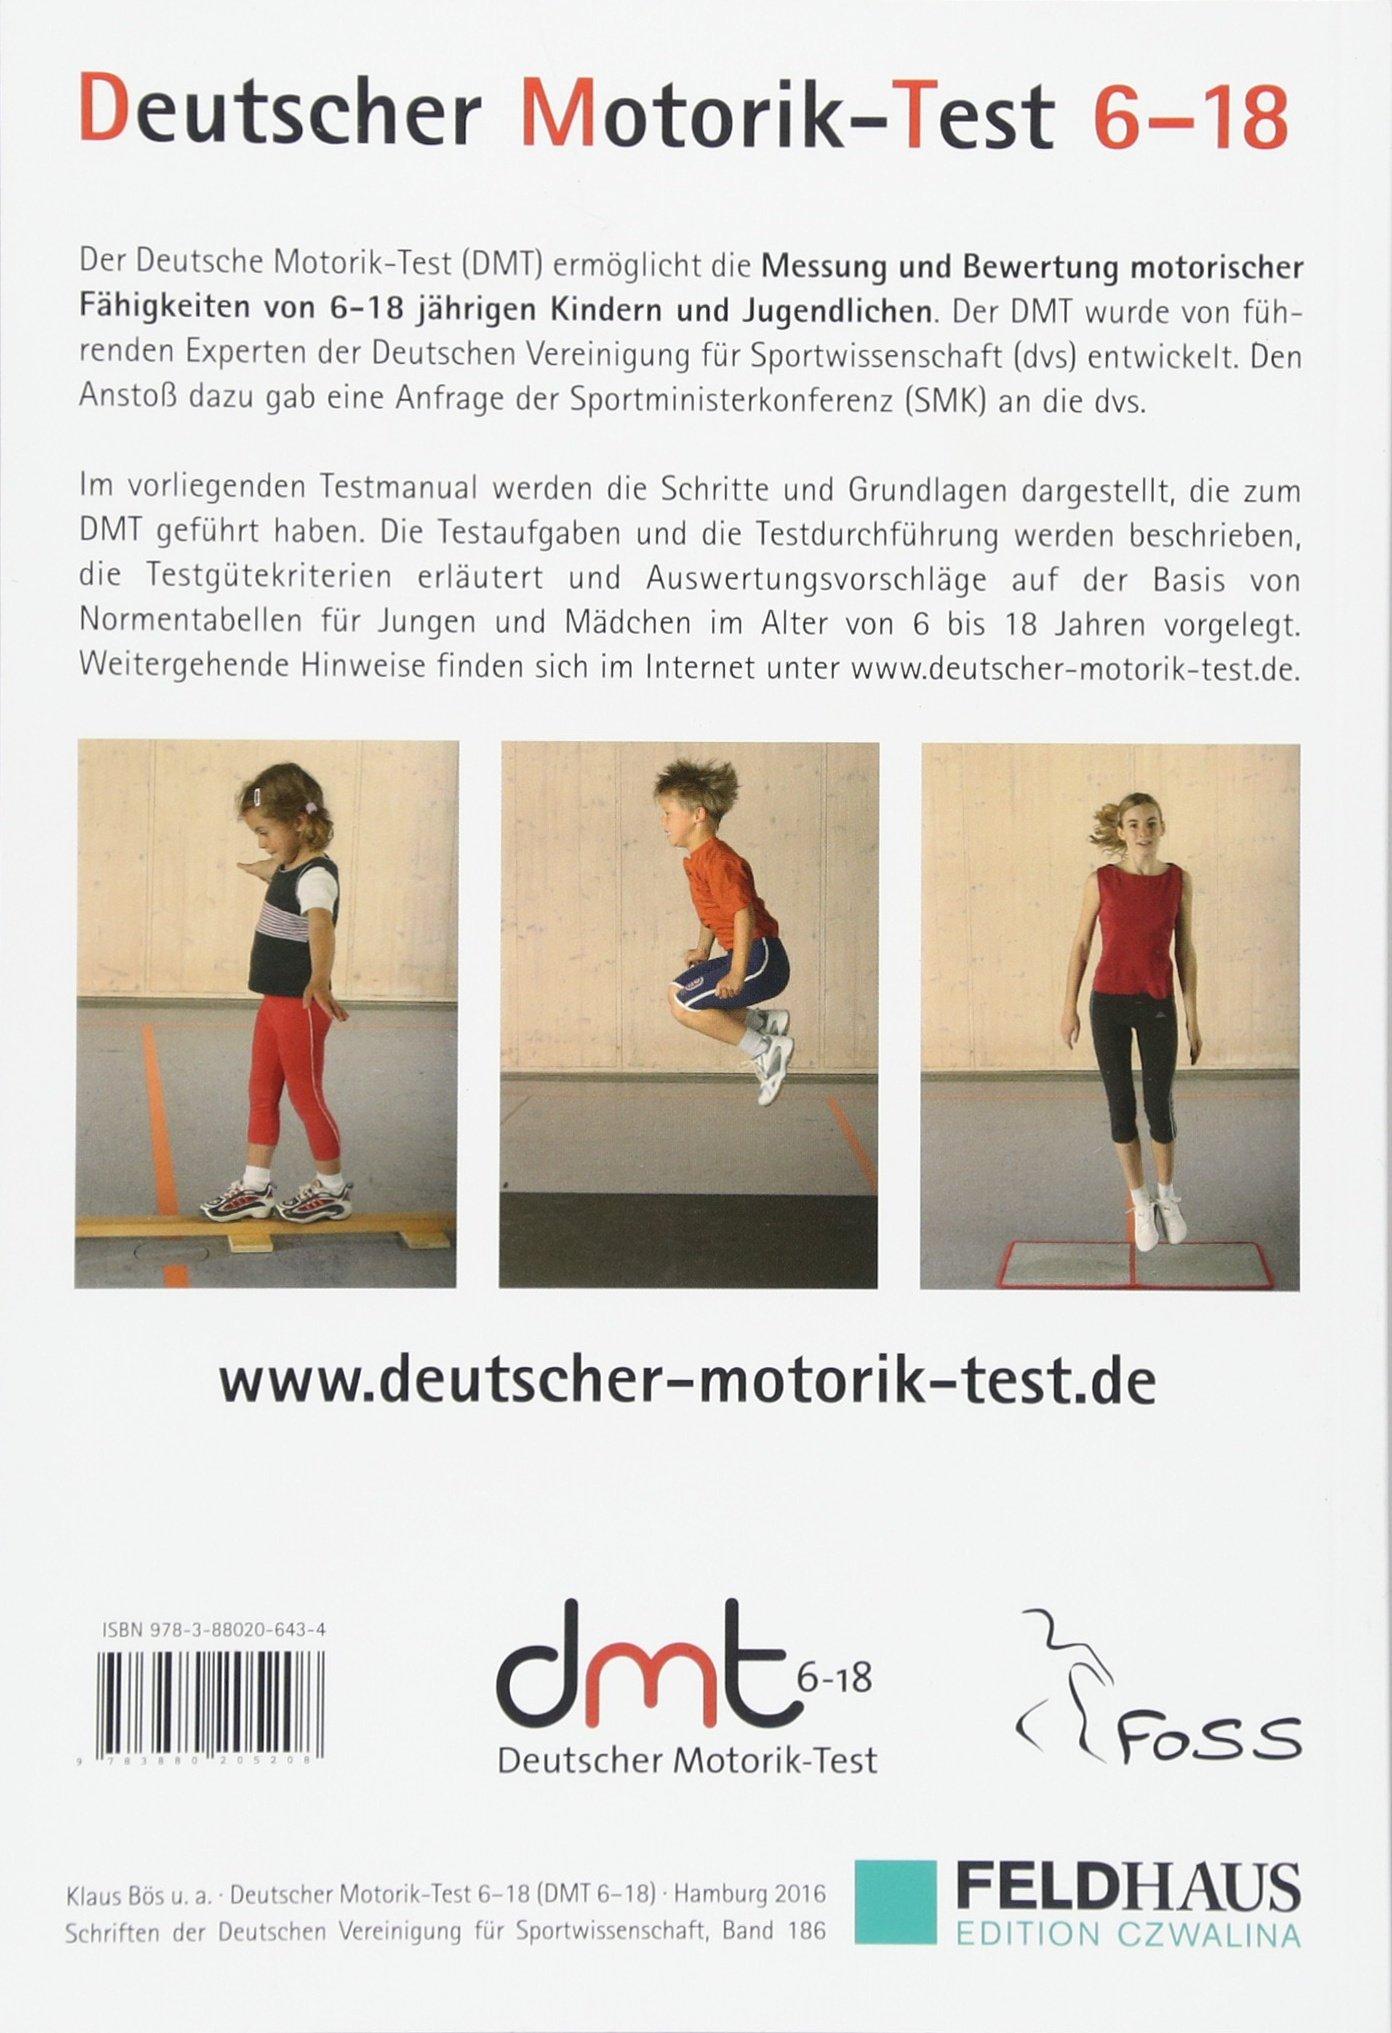 Deutscher Motorik Test 6 18 DMT 6 18 : Erarbeitet vom ad hoc